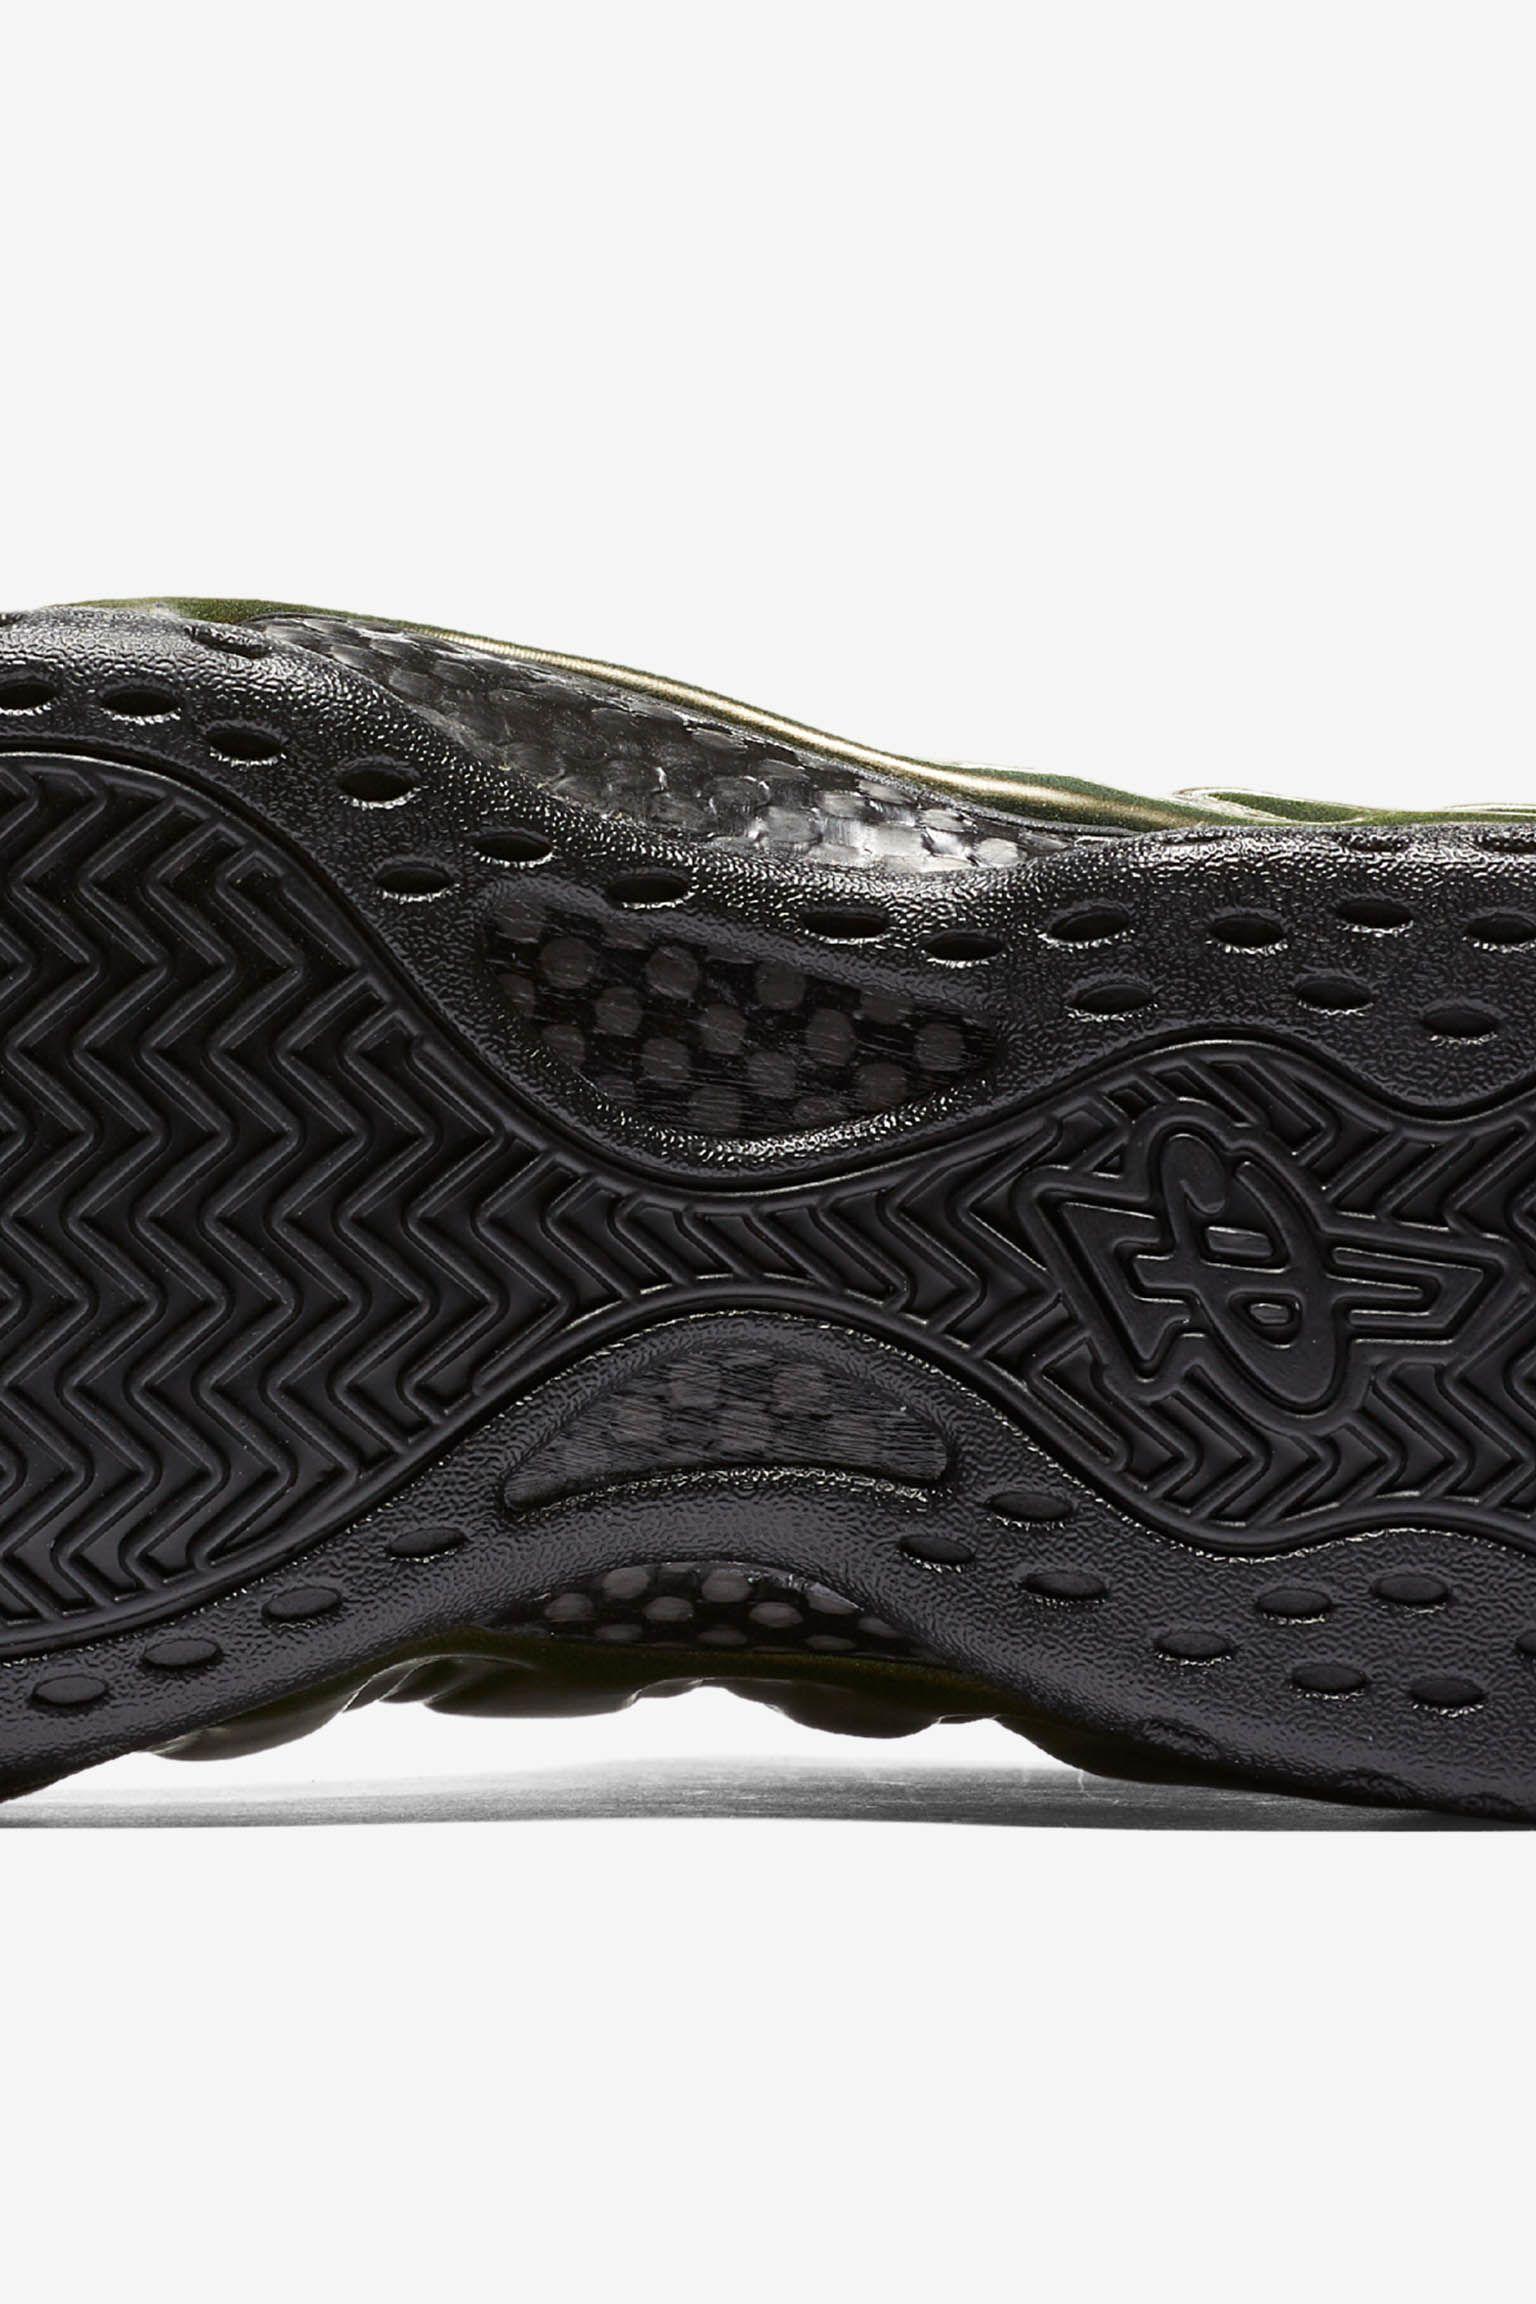 Nike Air Foamposite One 'Legion Green' Release Date